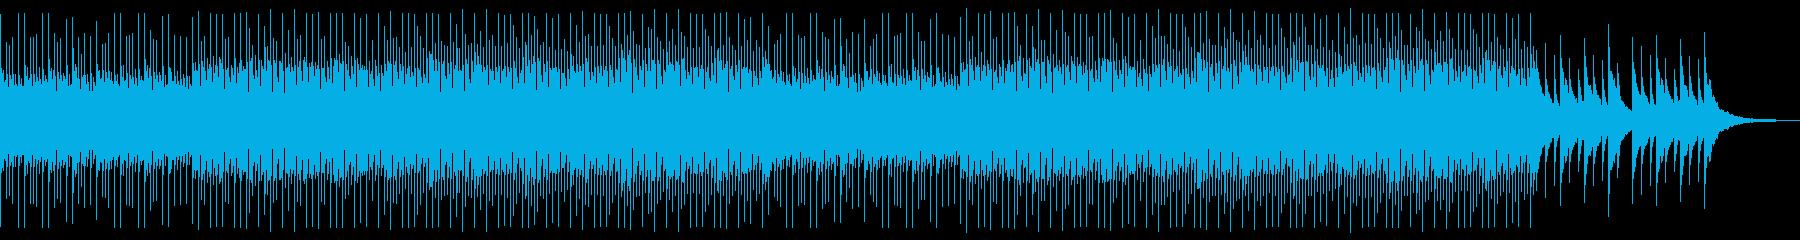 企業VP・CM ストリングス シンセの再生済みの波形